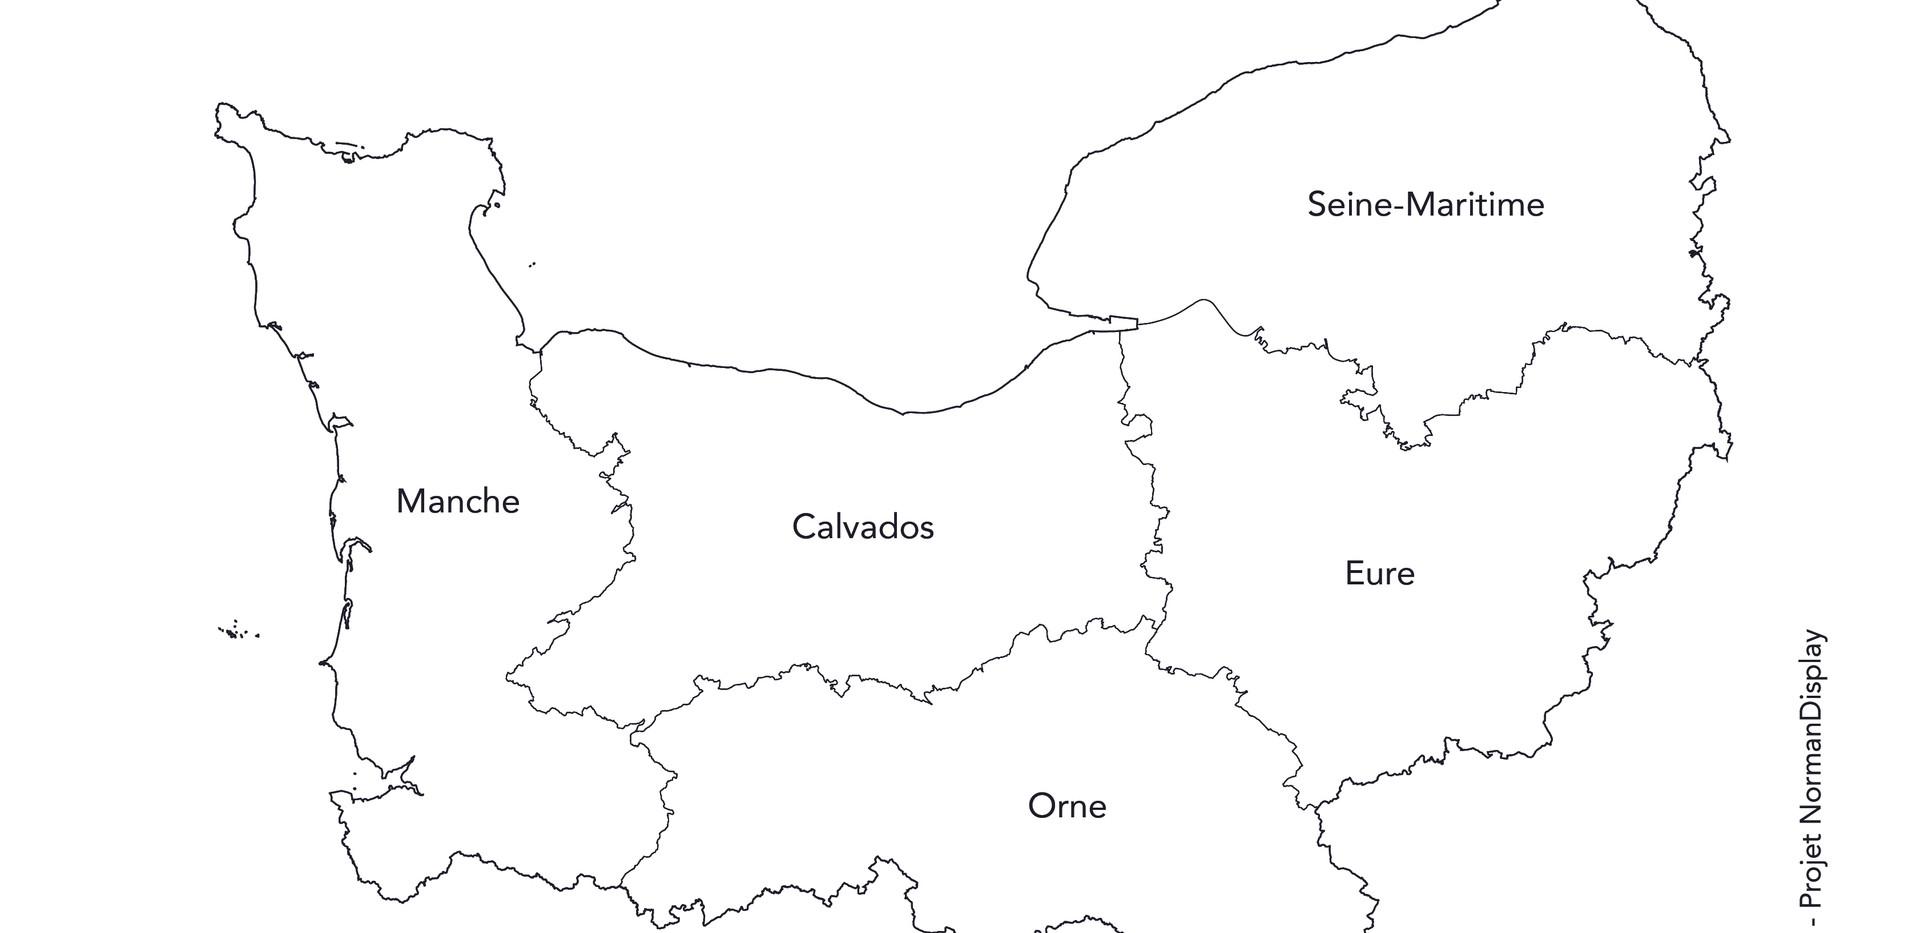 Normandie_Limites_Départements_2020.jpg